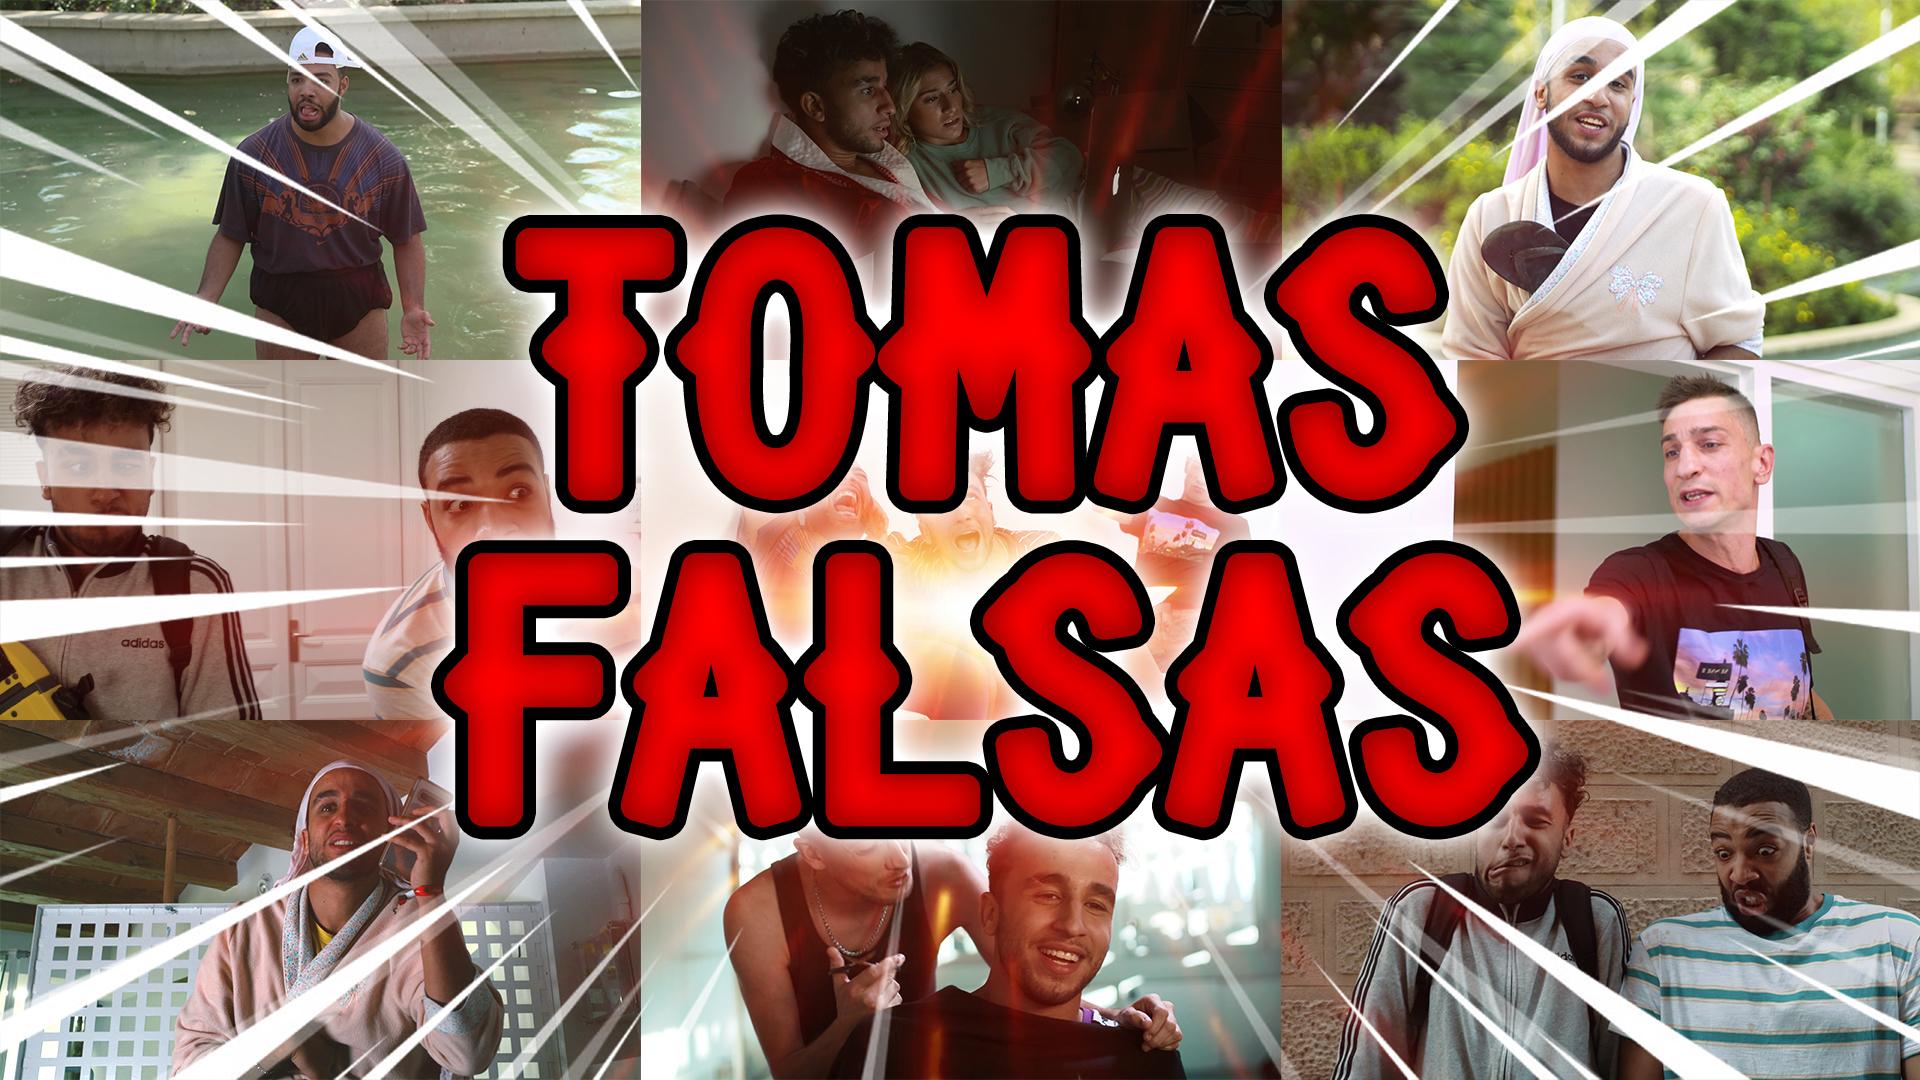 T6 Squad Especial Tomas Falsas | Hamza Zaidi